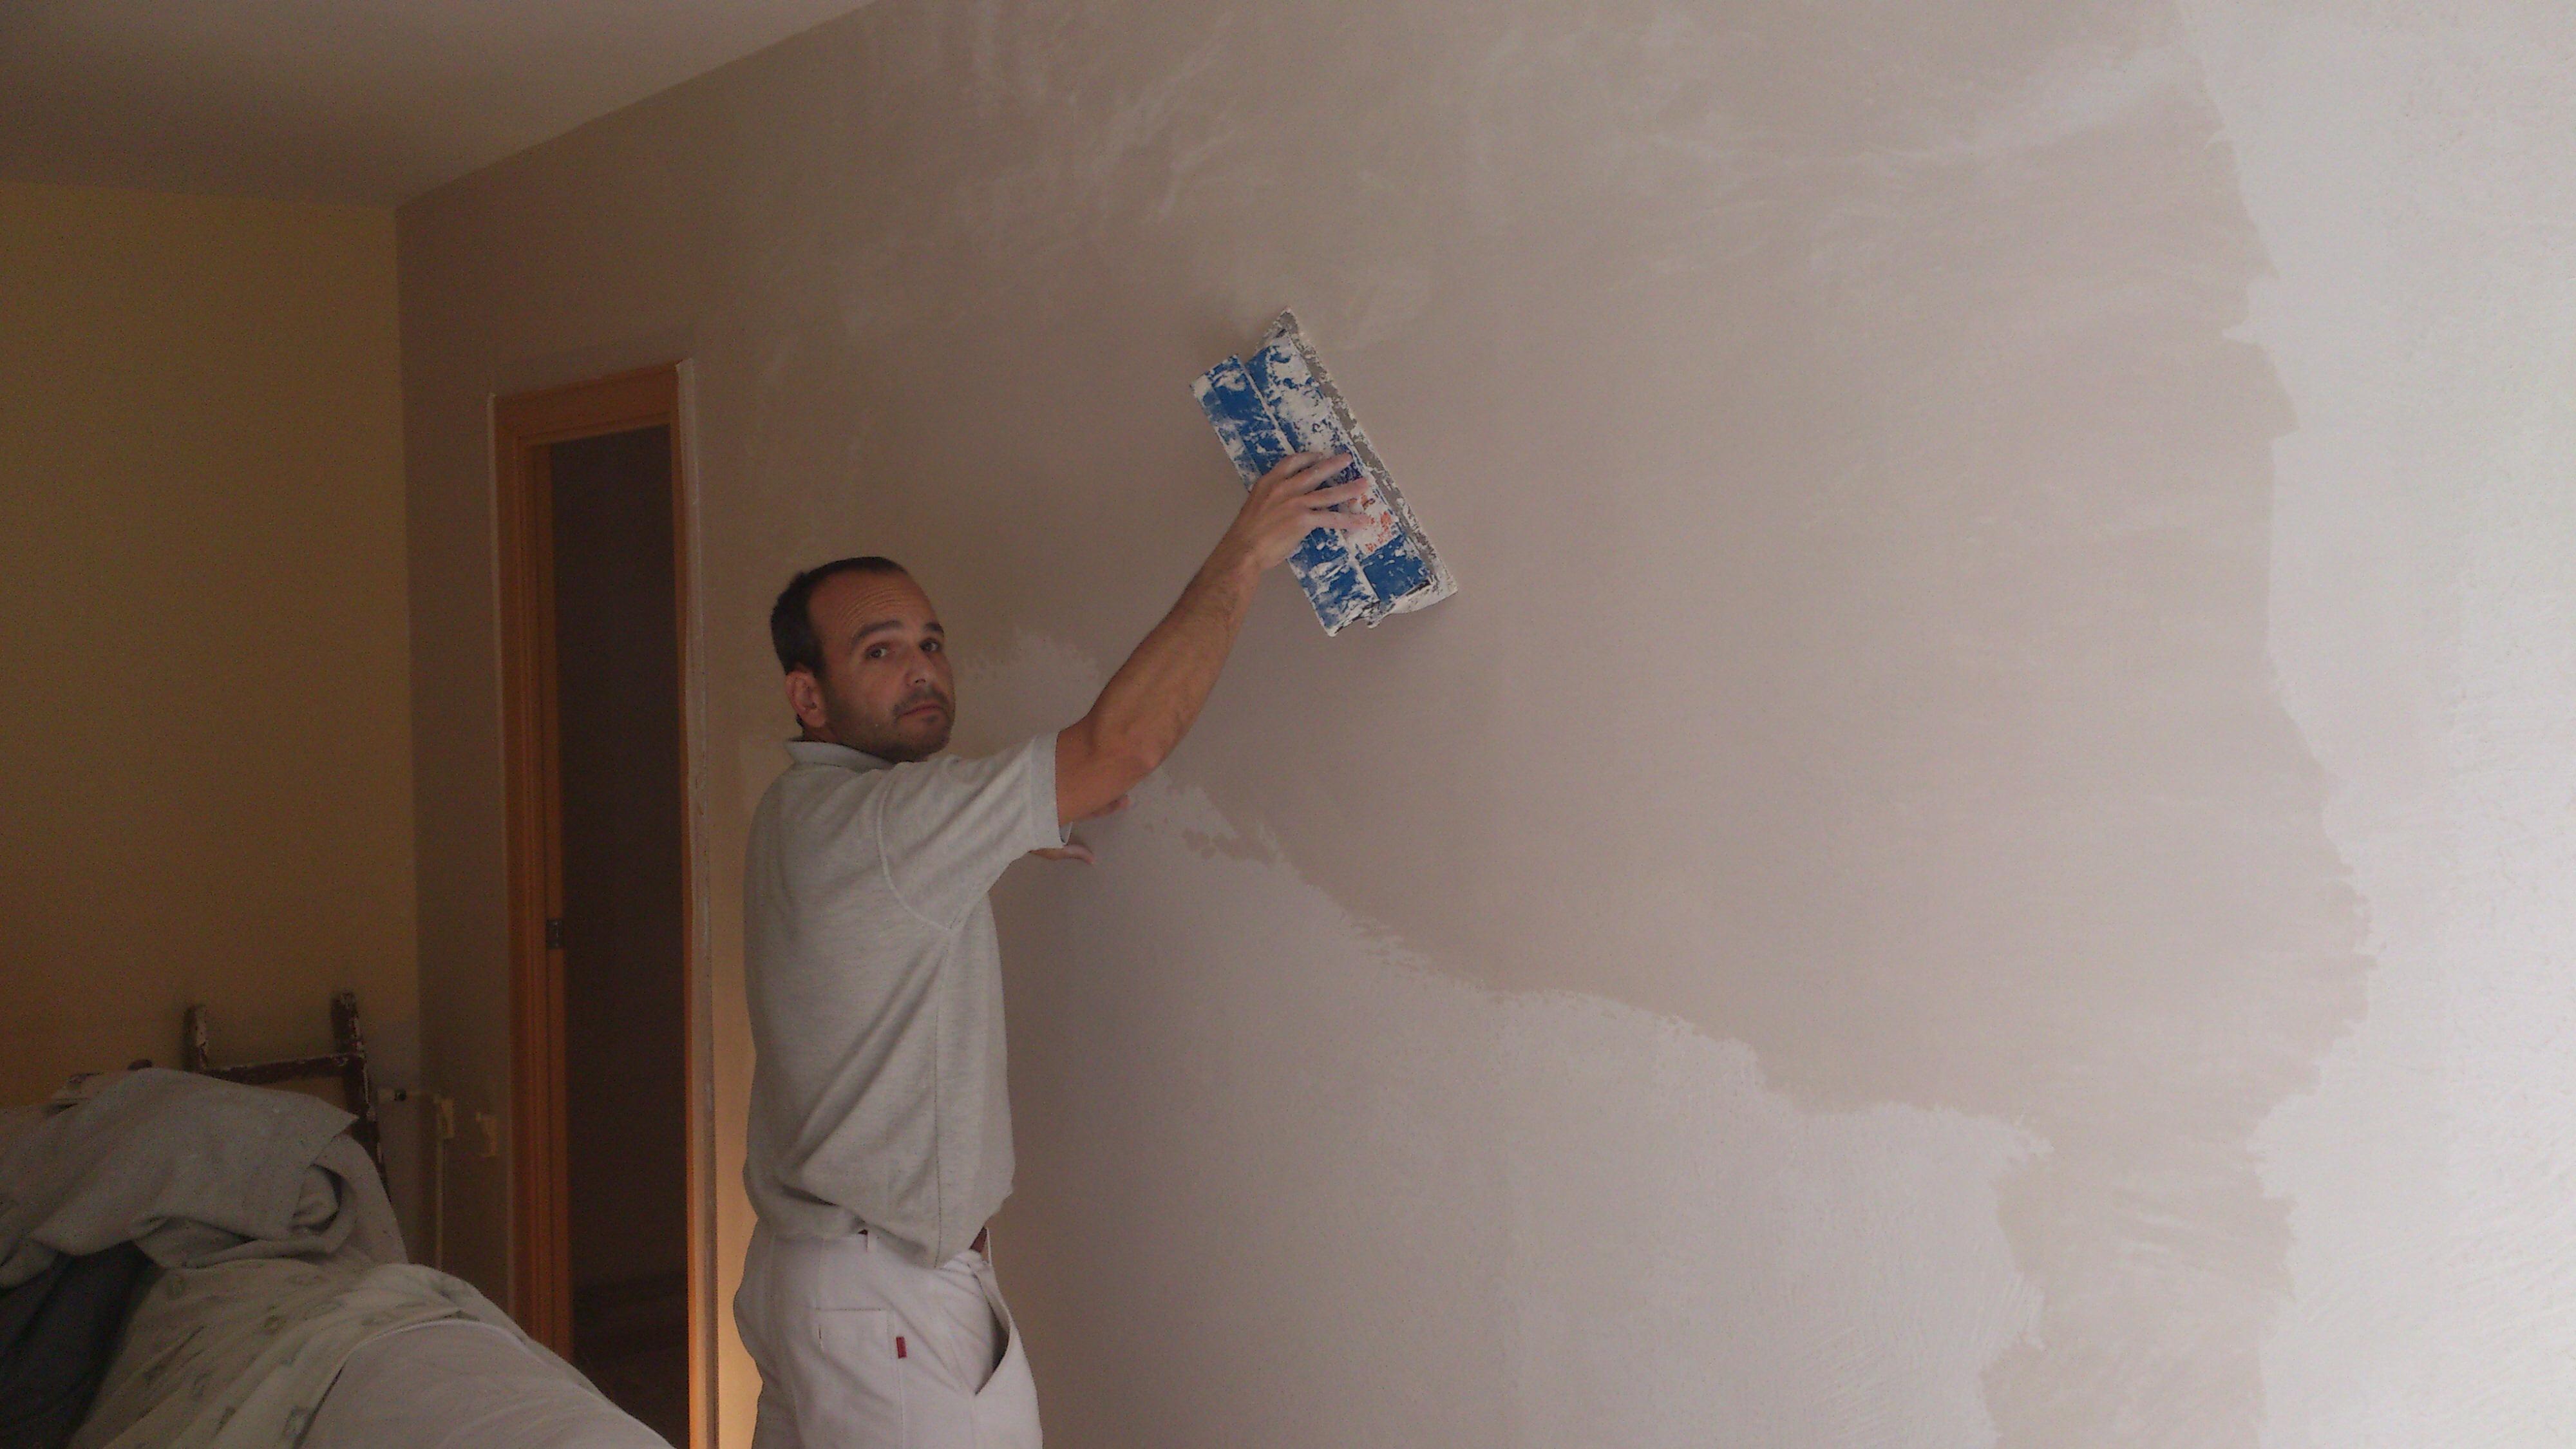 Quitar gotele alisado de paredes y pintado ideas pintores - Pintores de paredes ...